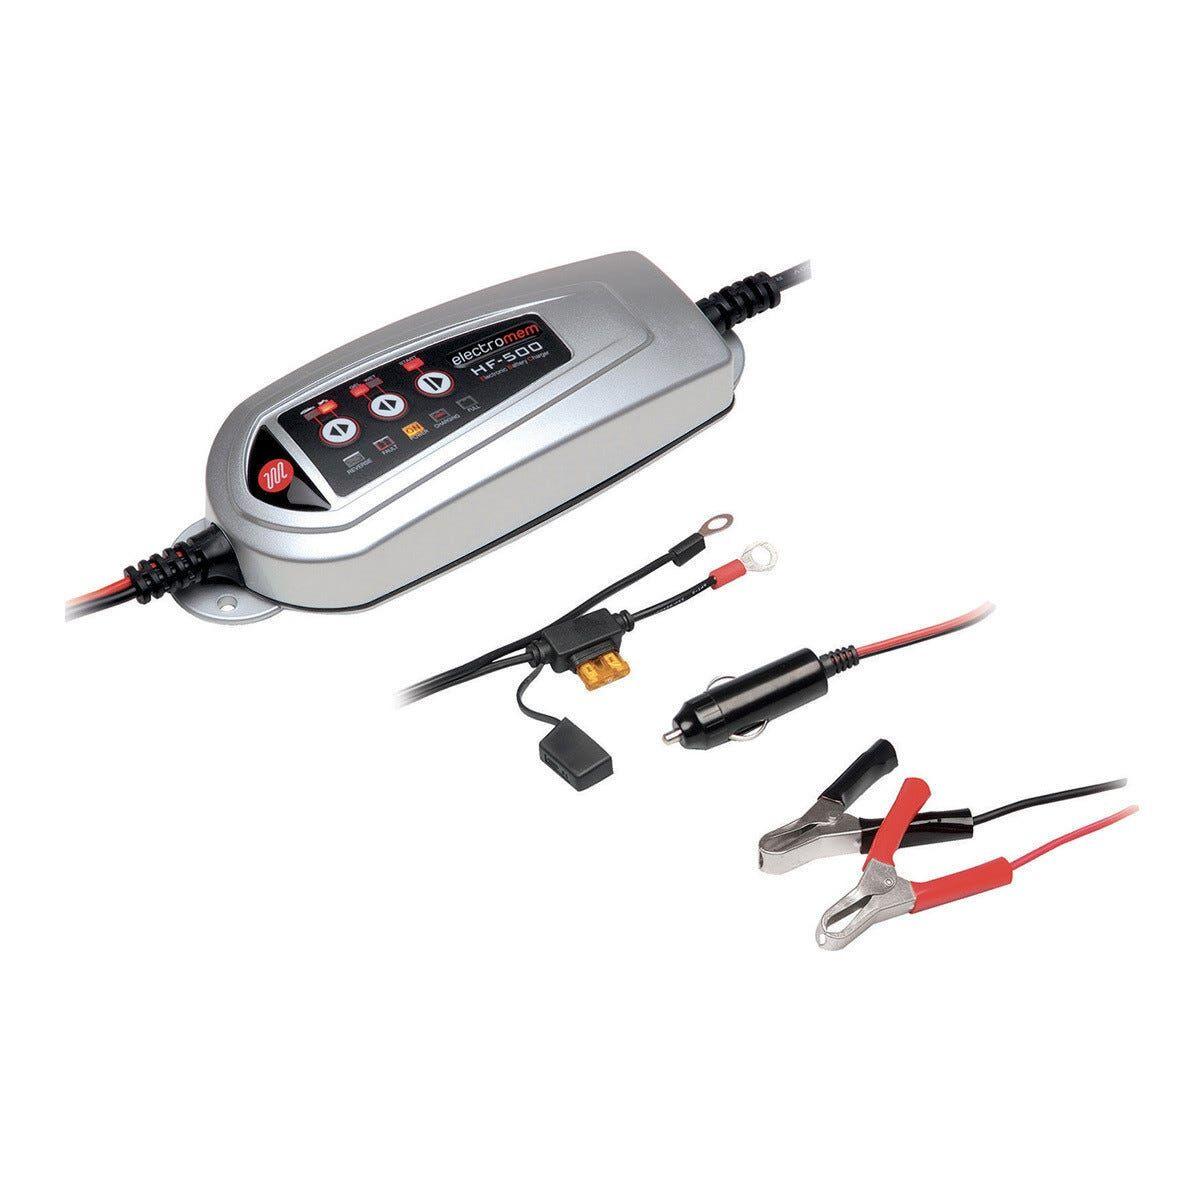 caricabatterie e mantenitore di carica tensione 12 v per auto corrente carica 3,5 a o 1 a